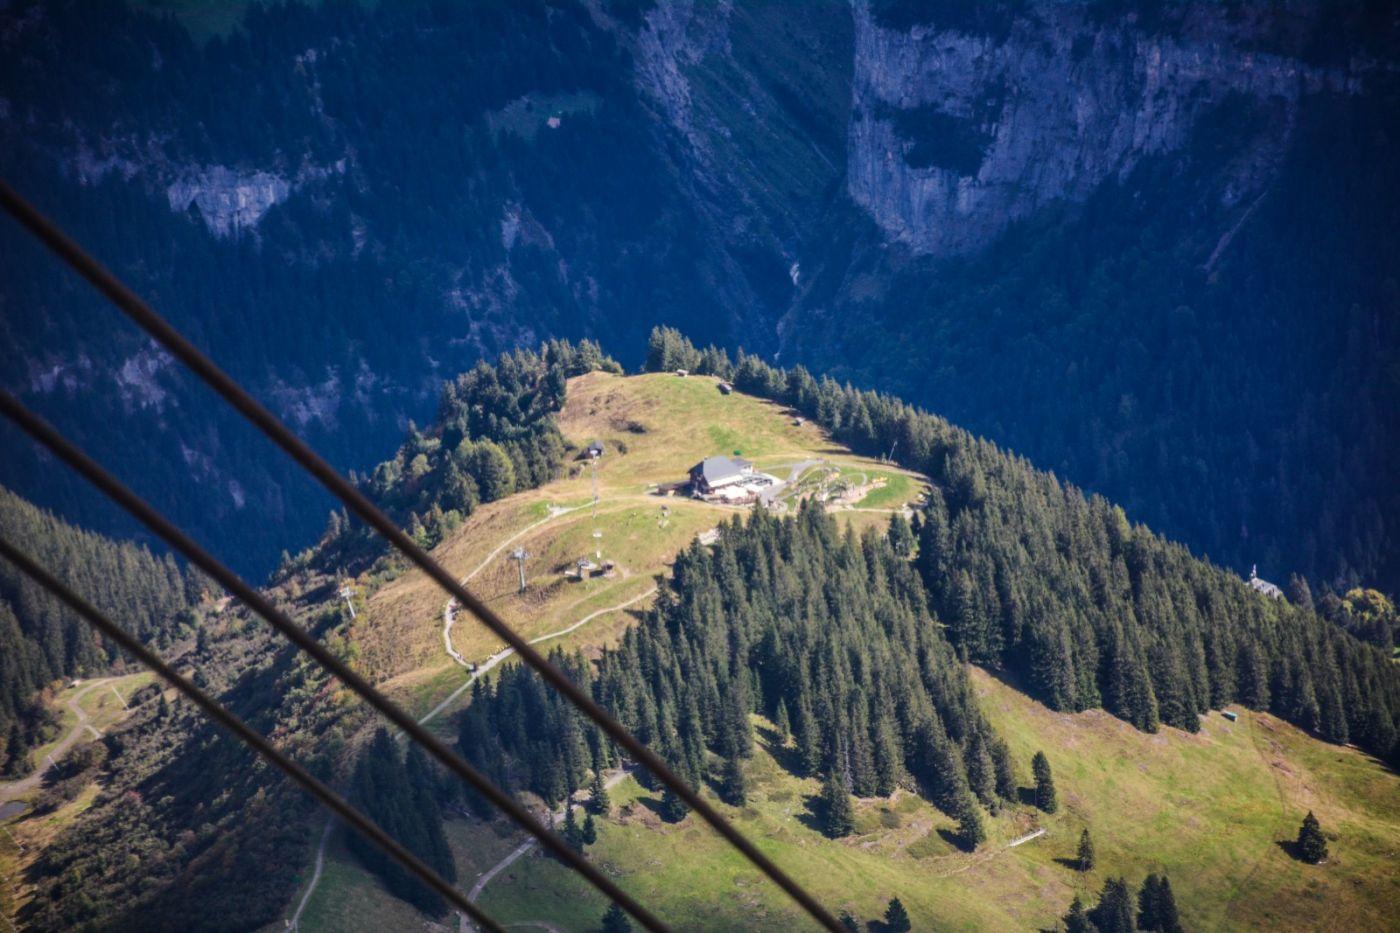 登上阿尔卑斯山遥望少女、勃朗峰_图1-19